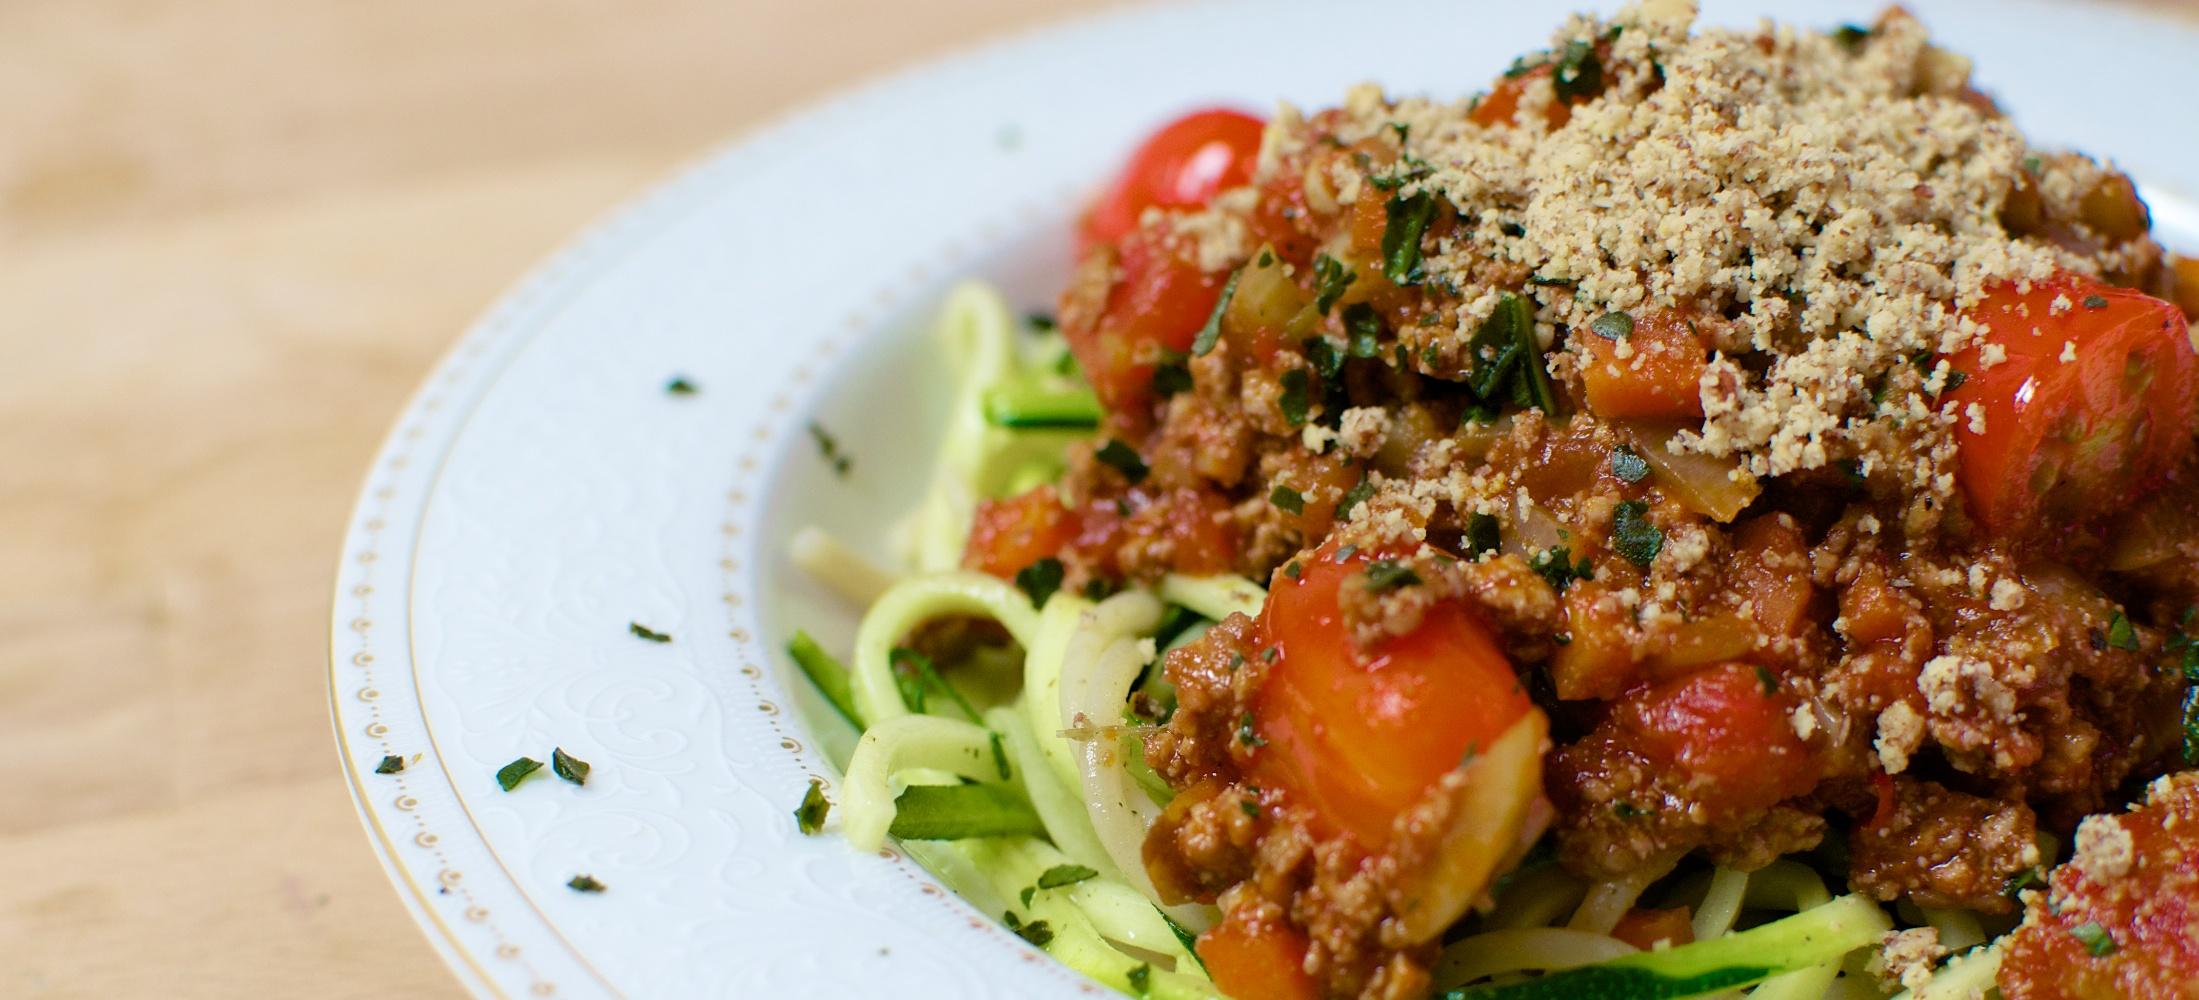 Vegane Bolognese mit Zucchini-Spaghetti